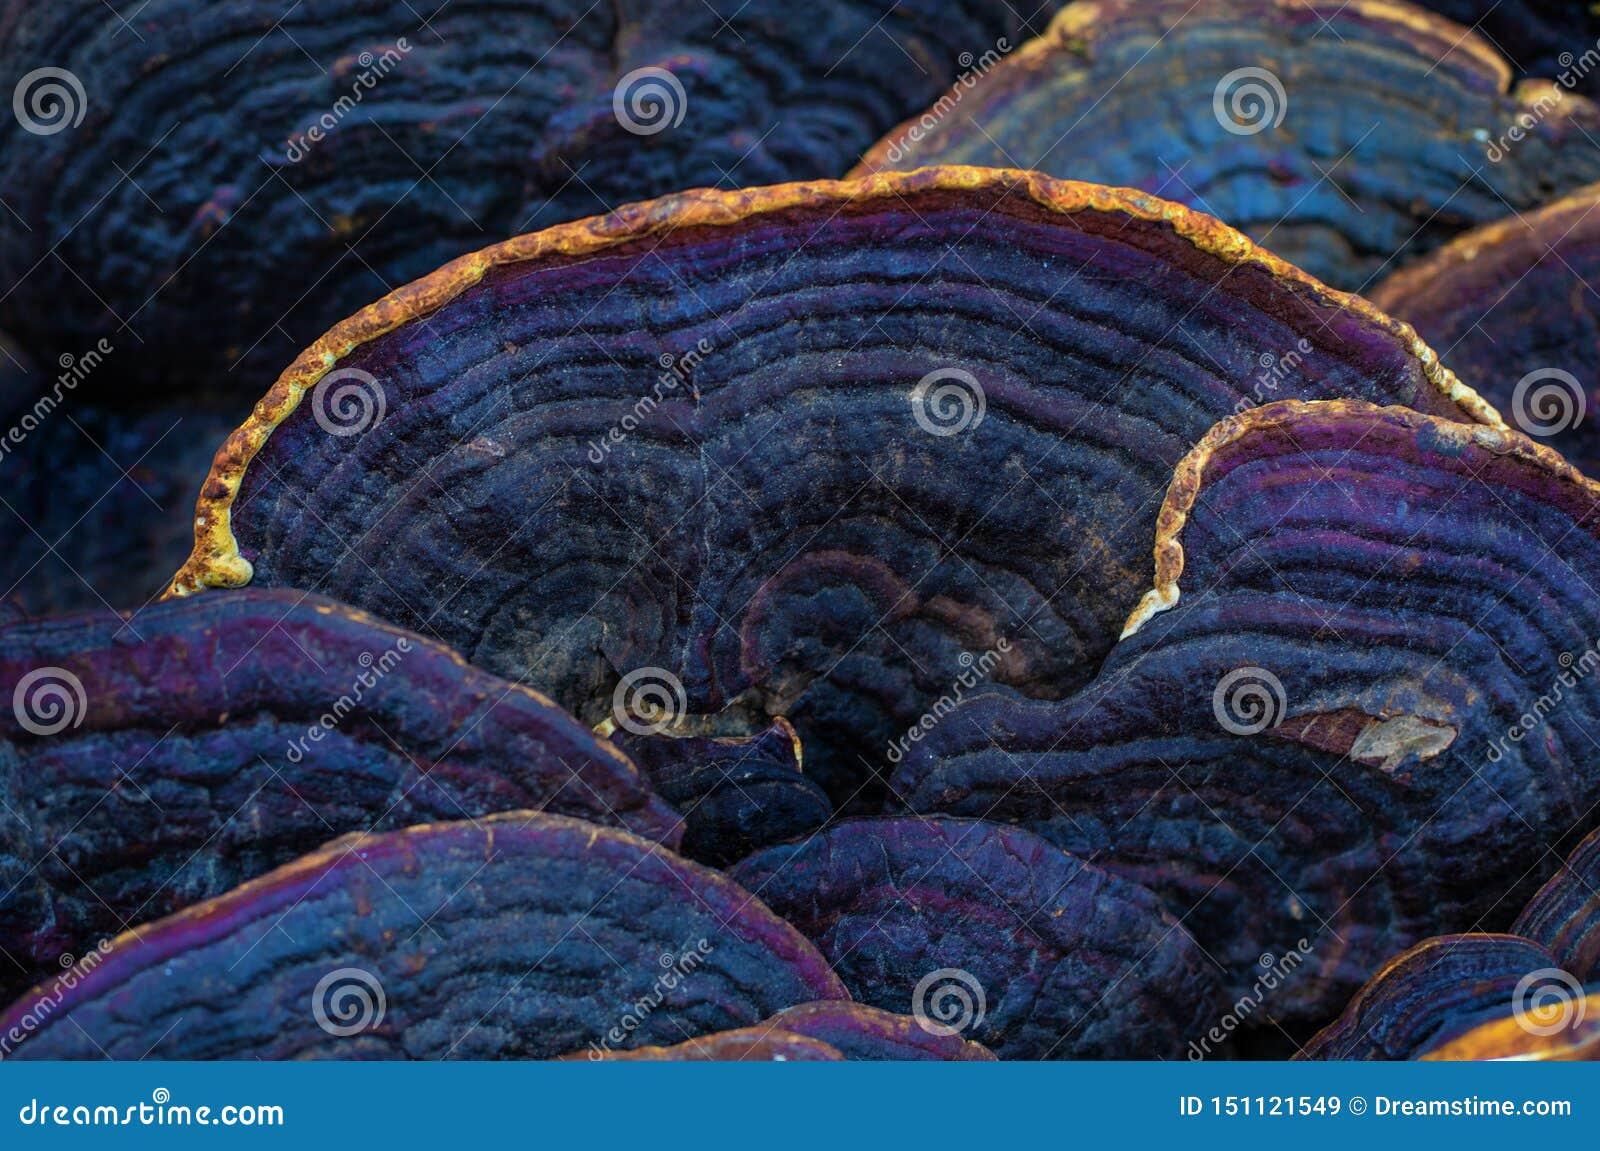 Exotische boom mashrooms voor traditionele oosterse geneeskunde en remedie Phellinuslinteus abstracte achtergrond